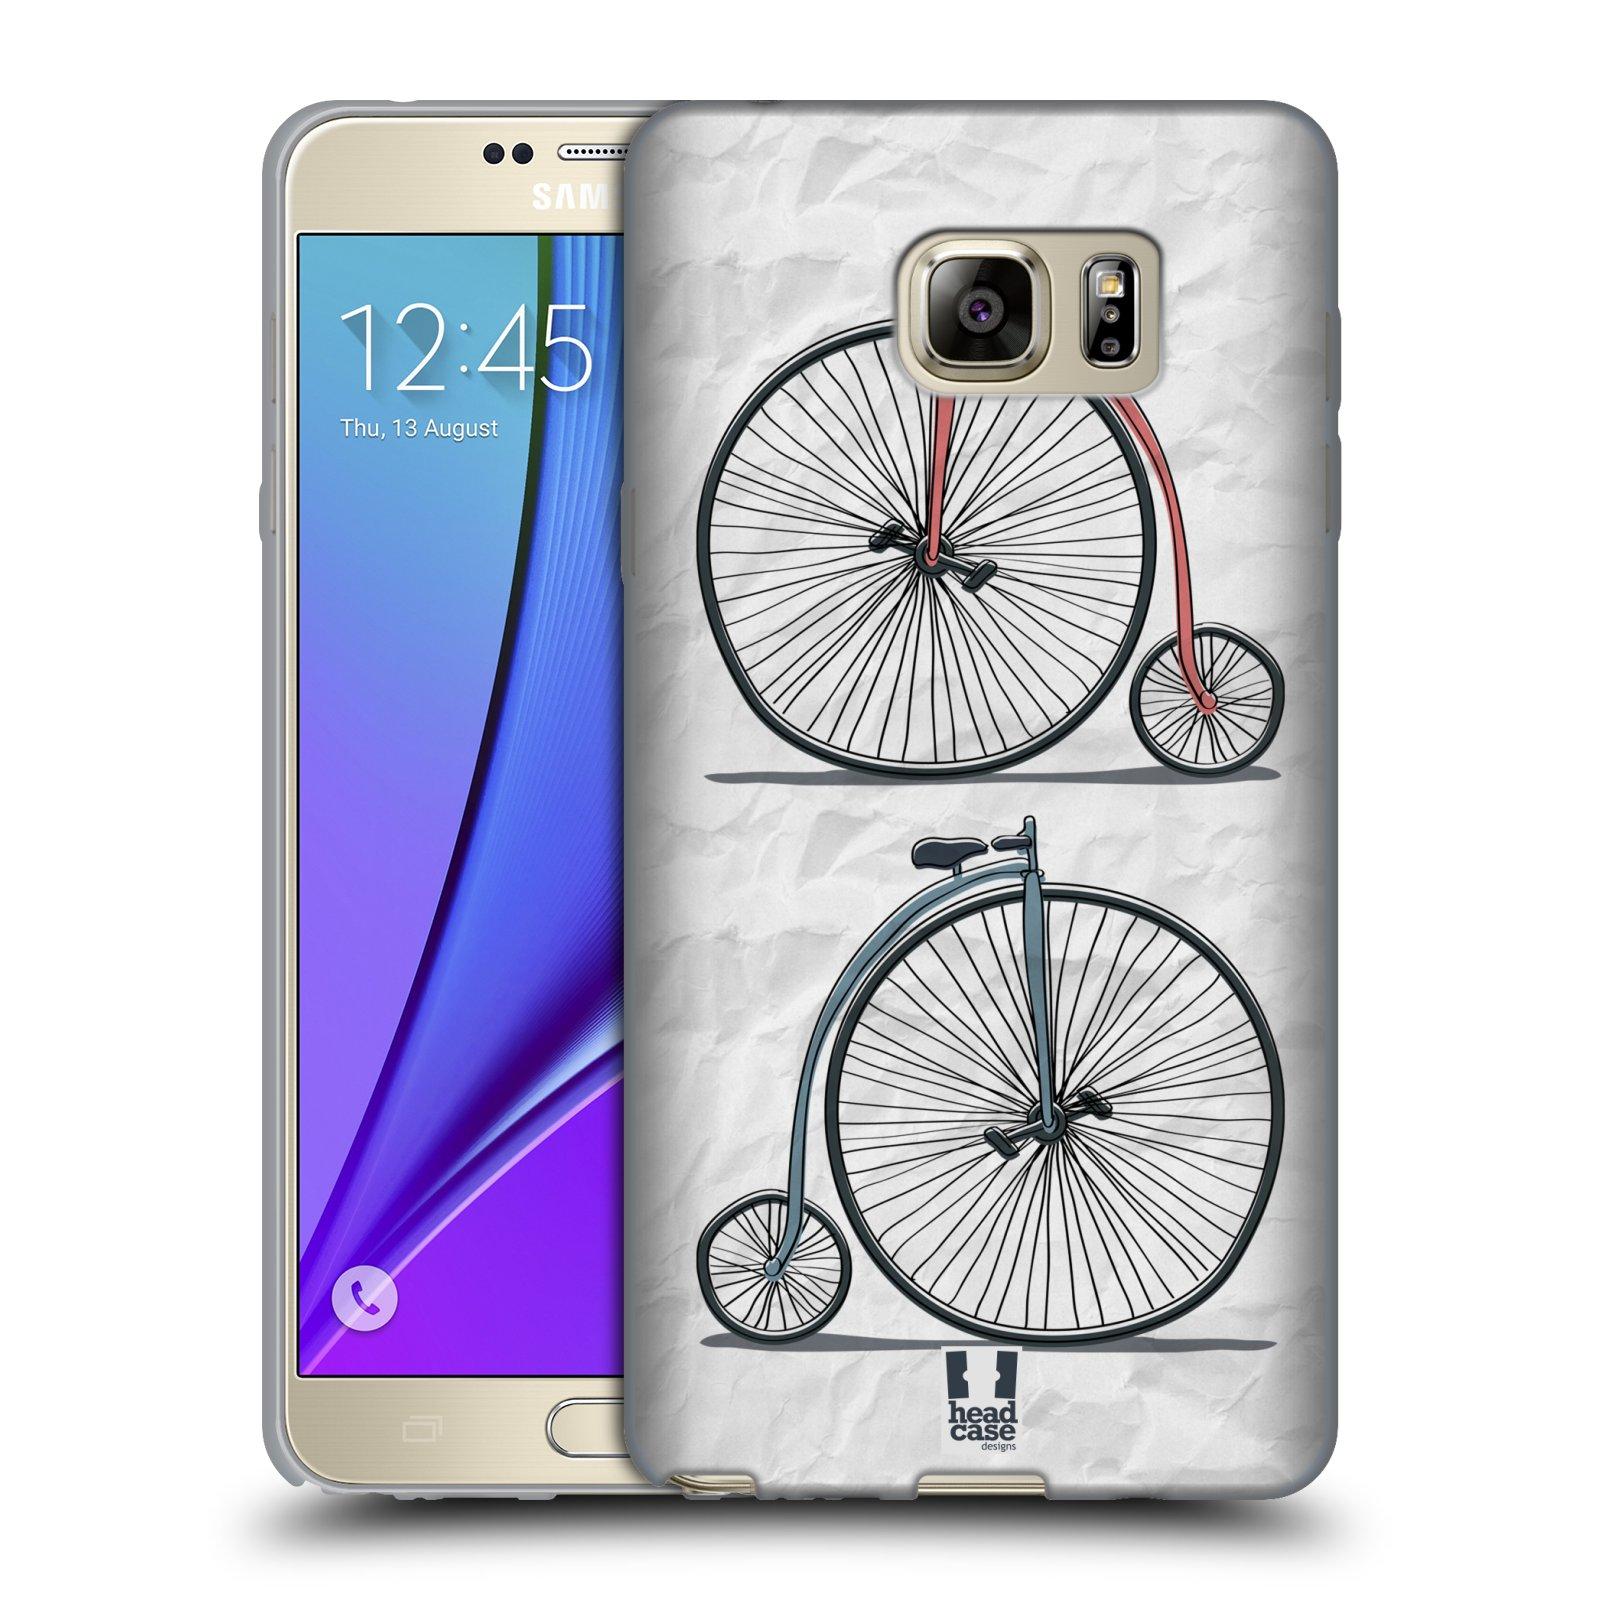 HEAD CASE silikonový obal na mobil Samsung Galaxy Note 5 (N920) vzor Retro kola VELKÉ KOLO